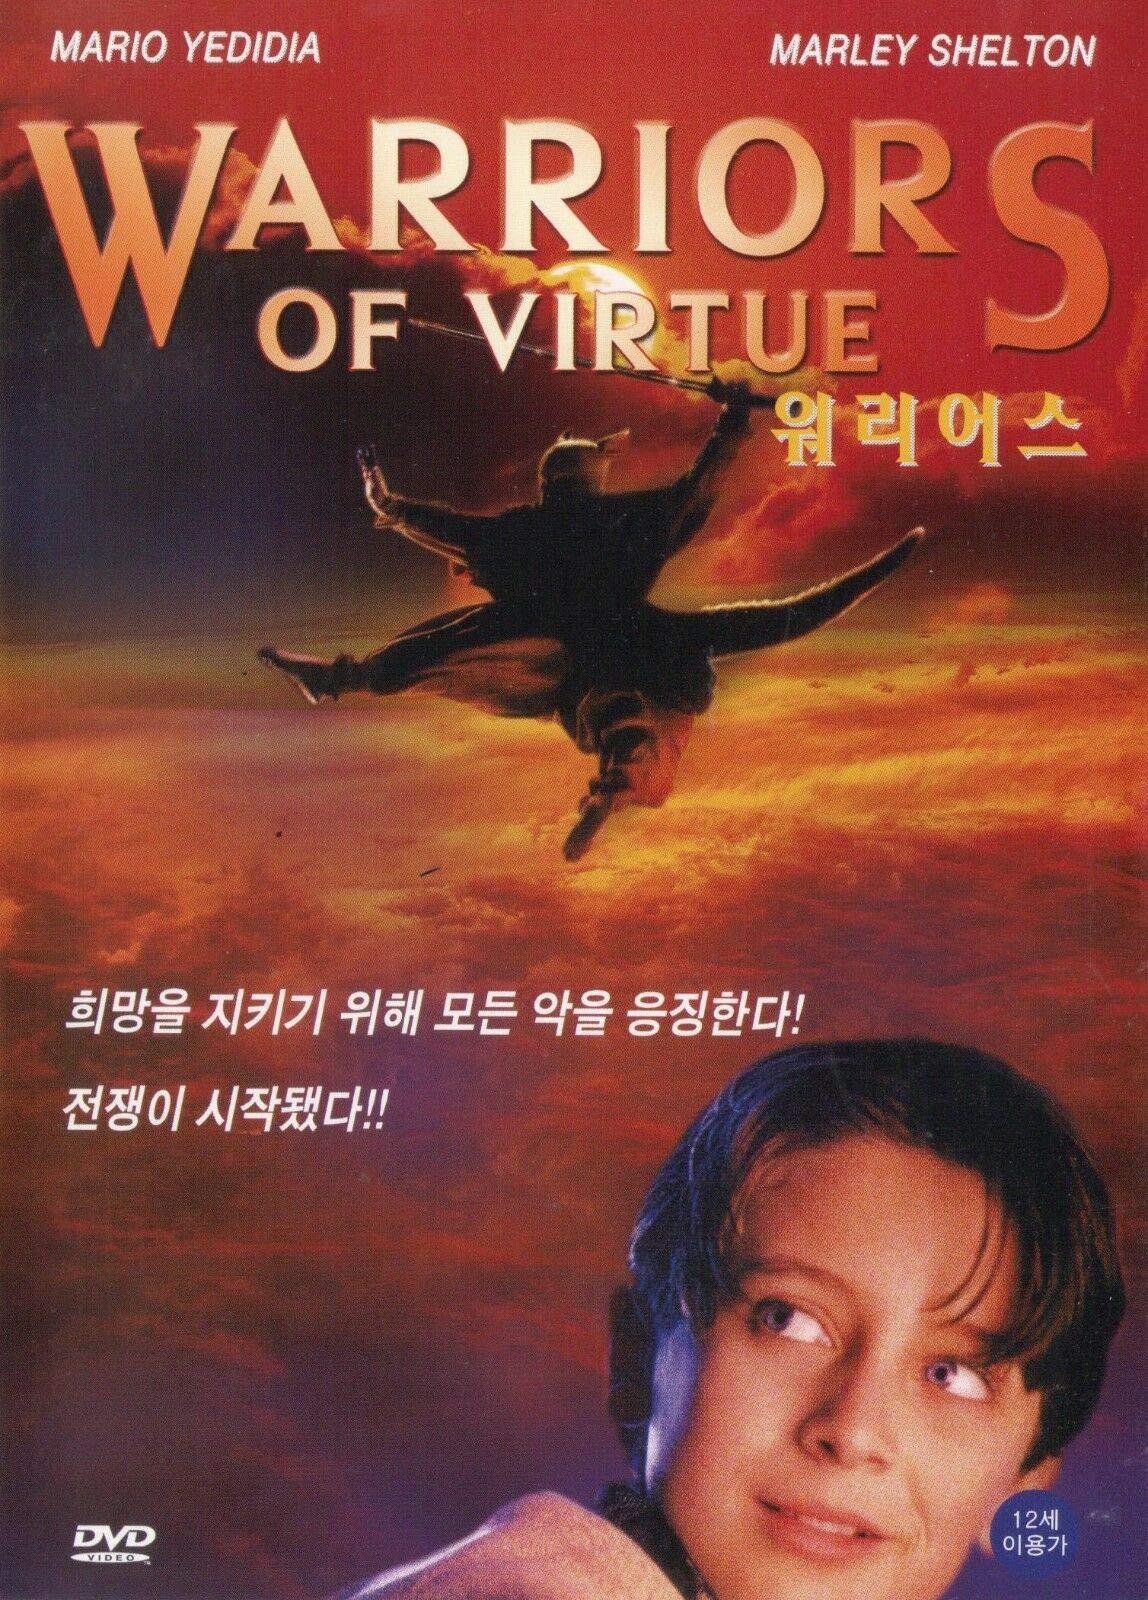 Warriors of Virtue (1997) DVD Angus Macfadyen